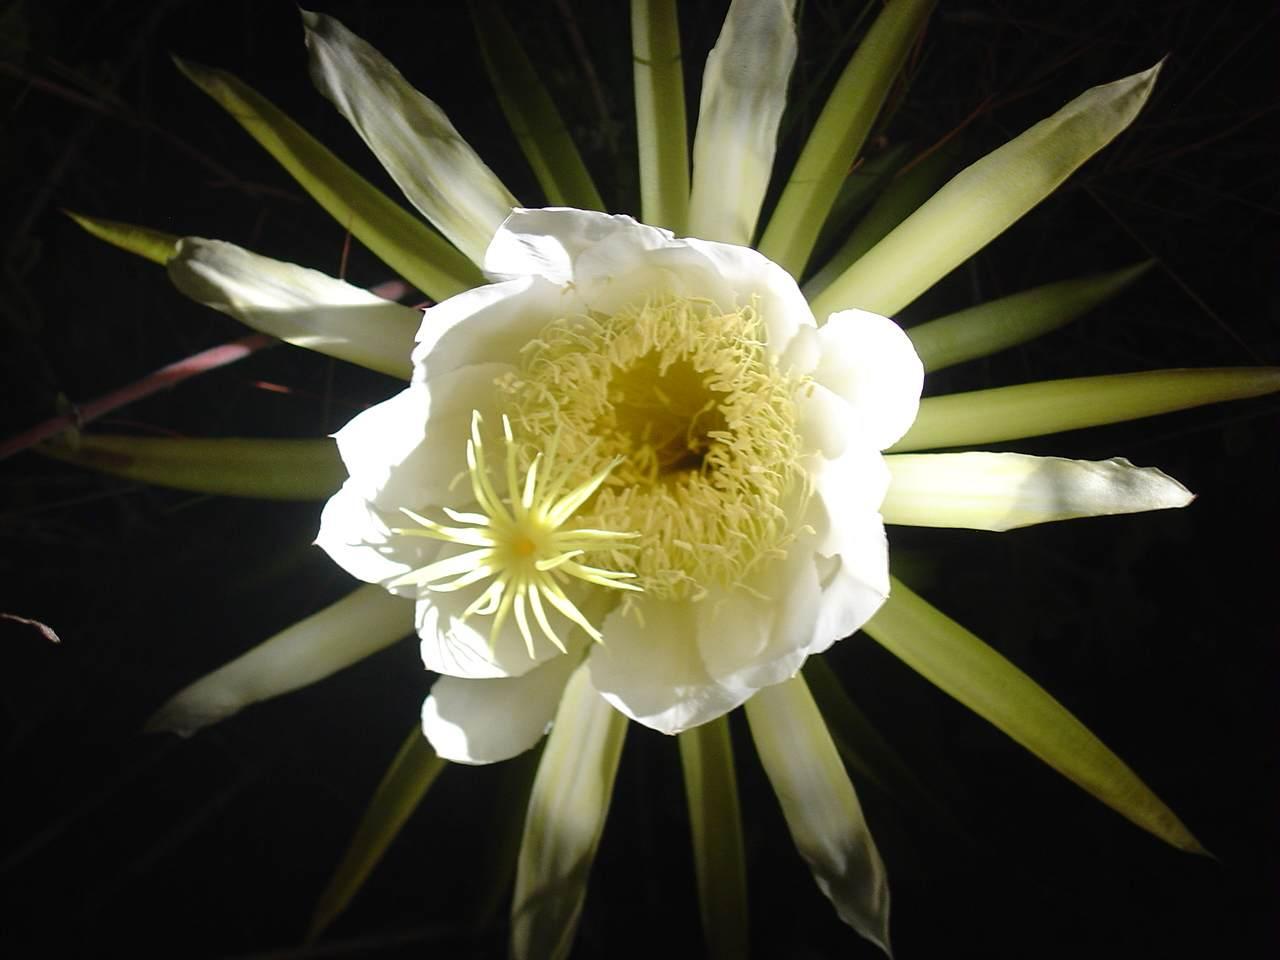 Piccola enciclopedia: I fiori che sbocciano di notte